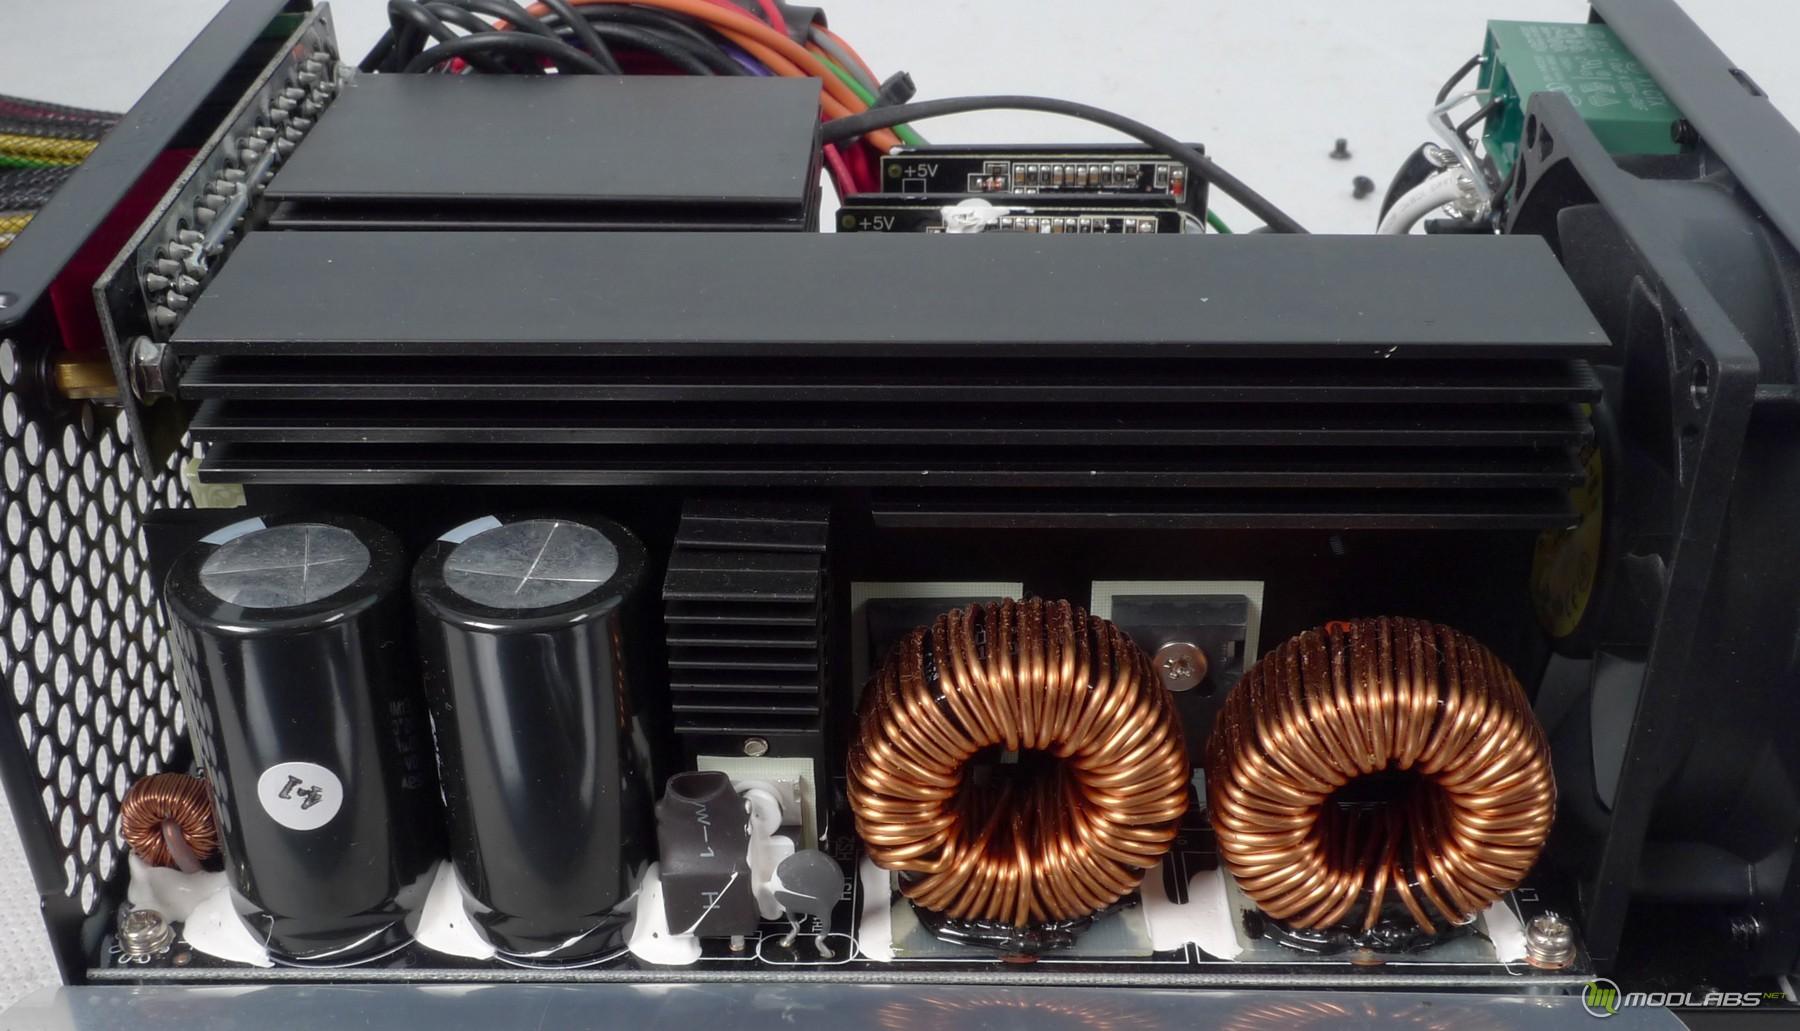 Блок питания Antec Truepower Quattro 1200W Overclocking Edition выполнен по популярной схеме с двумя параллельно...